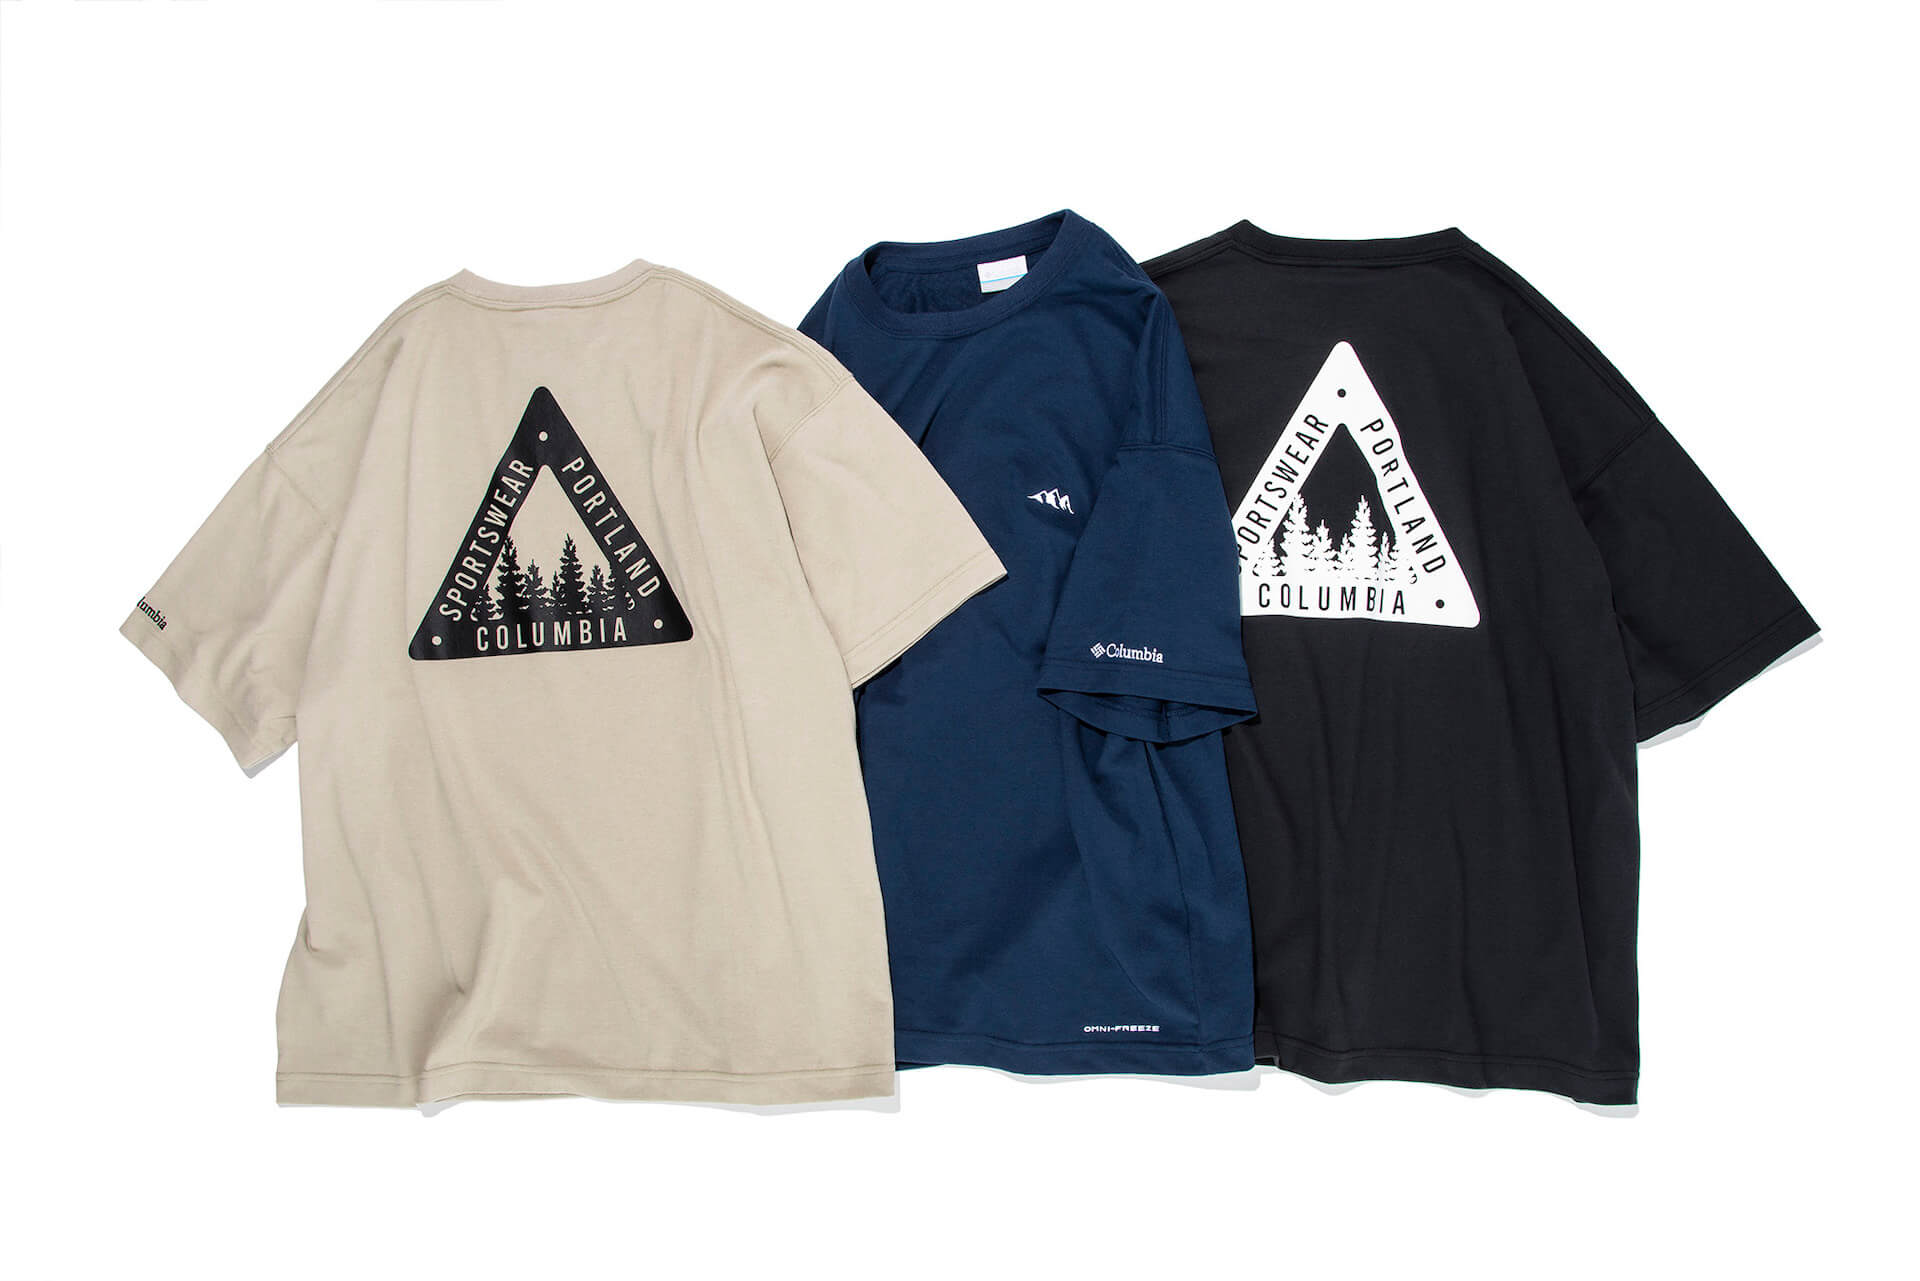 コロンビアとSHIPSのコラボTシャツが限定発売!冷却機能「オムニフリーズゼロ」を搭載した高機能モデル life210408_columbia_ships_3